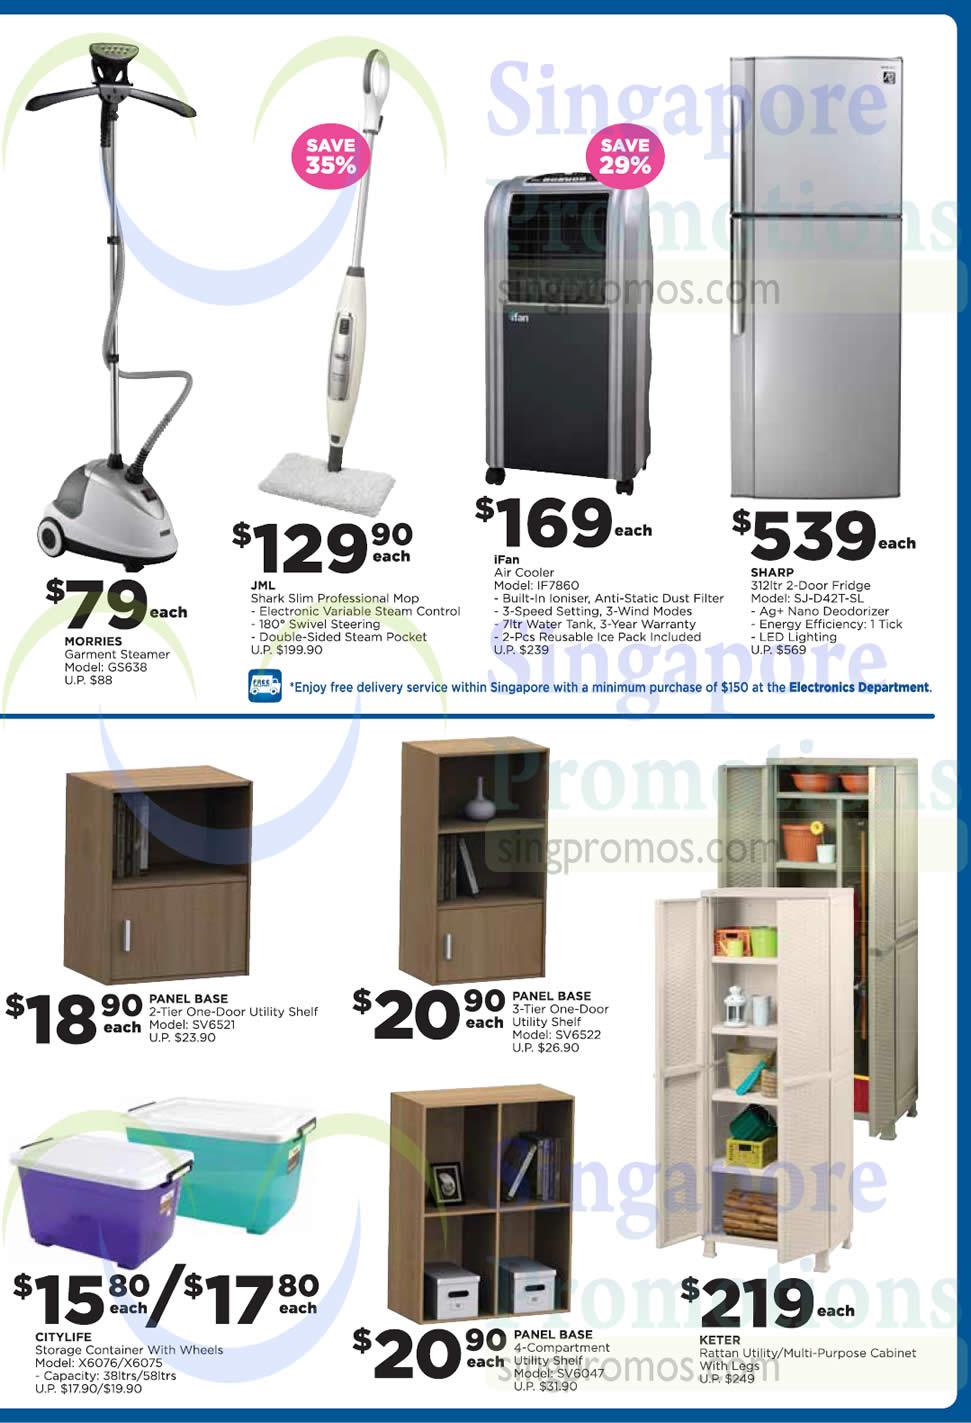 Electronics Home Basics Fridges Steamer Mop Jml Morries Ifan Sharp 187 Ntuc Fairprice